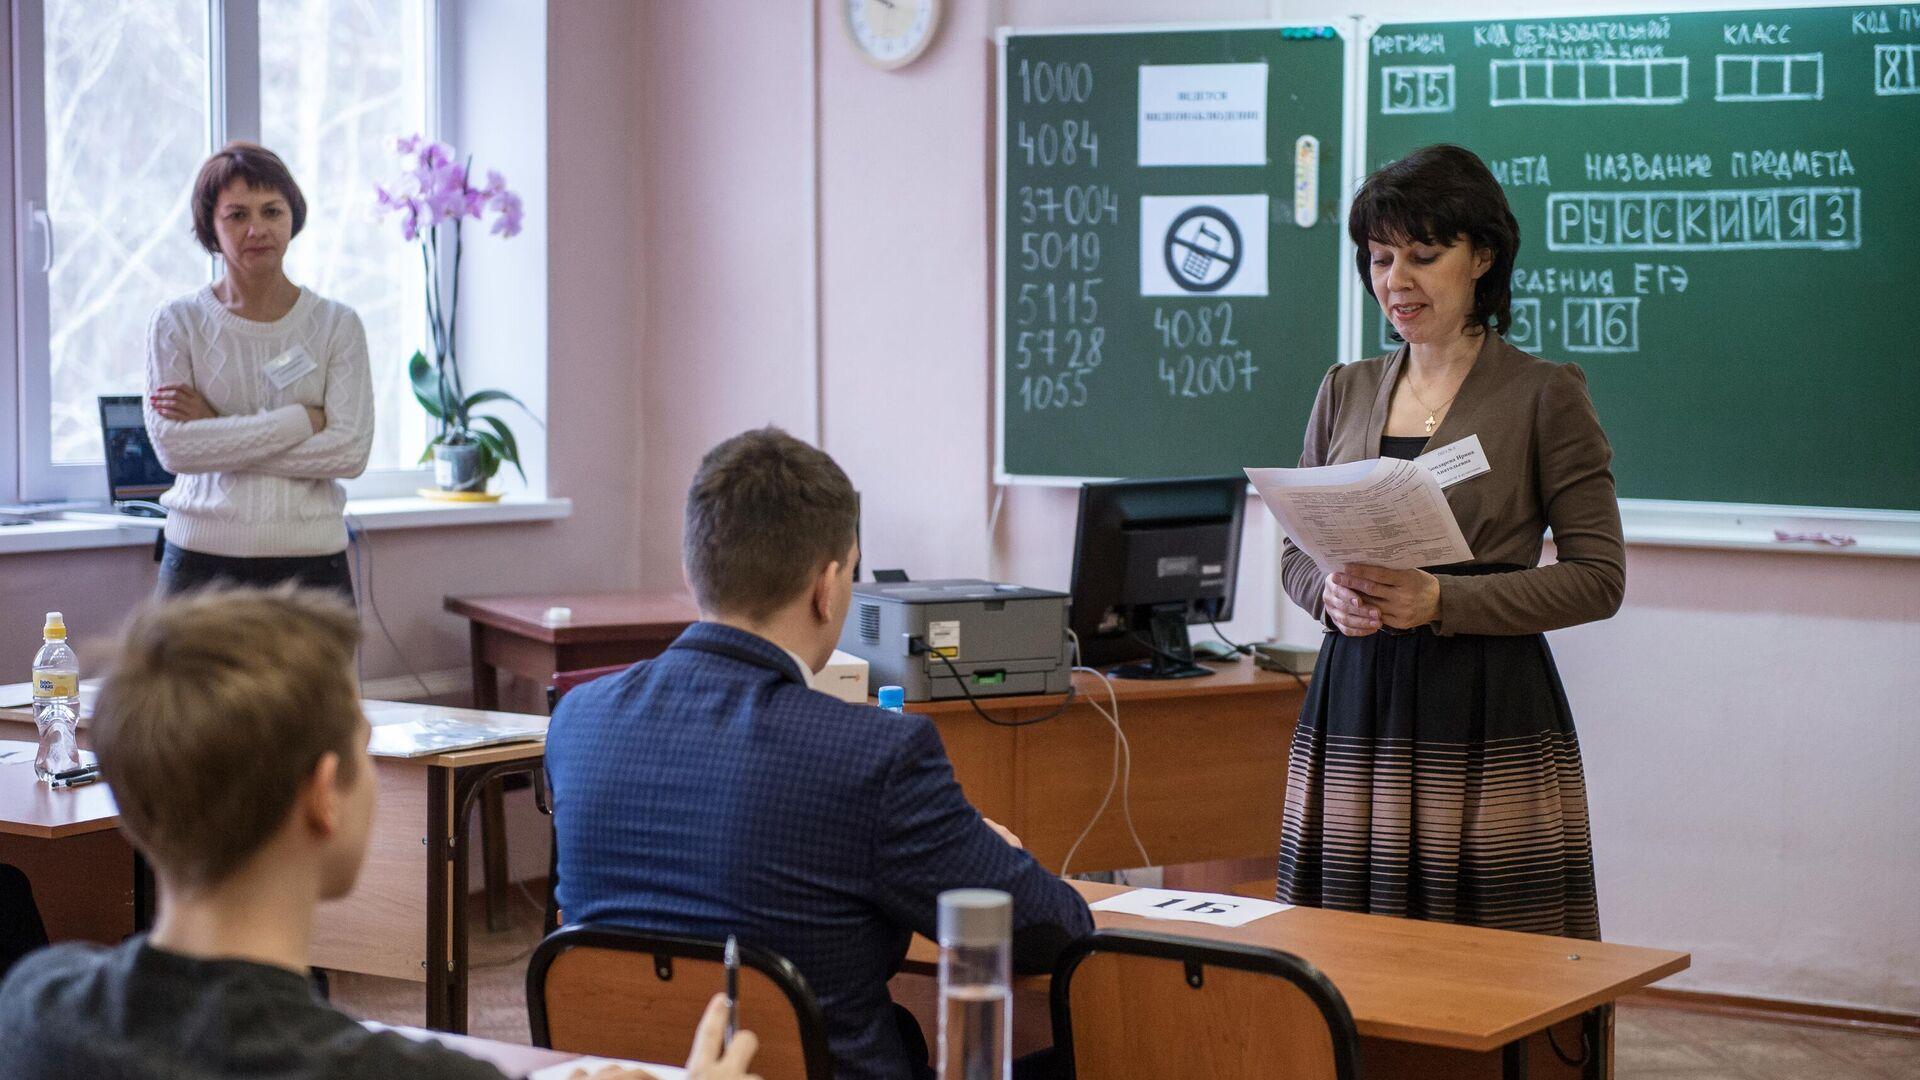 Преподаватель проводит инструктаж в классе перед началом единого государственного экзамена по русскому языку  - РИА Новости, 1920, 31.03.2021